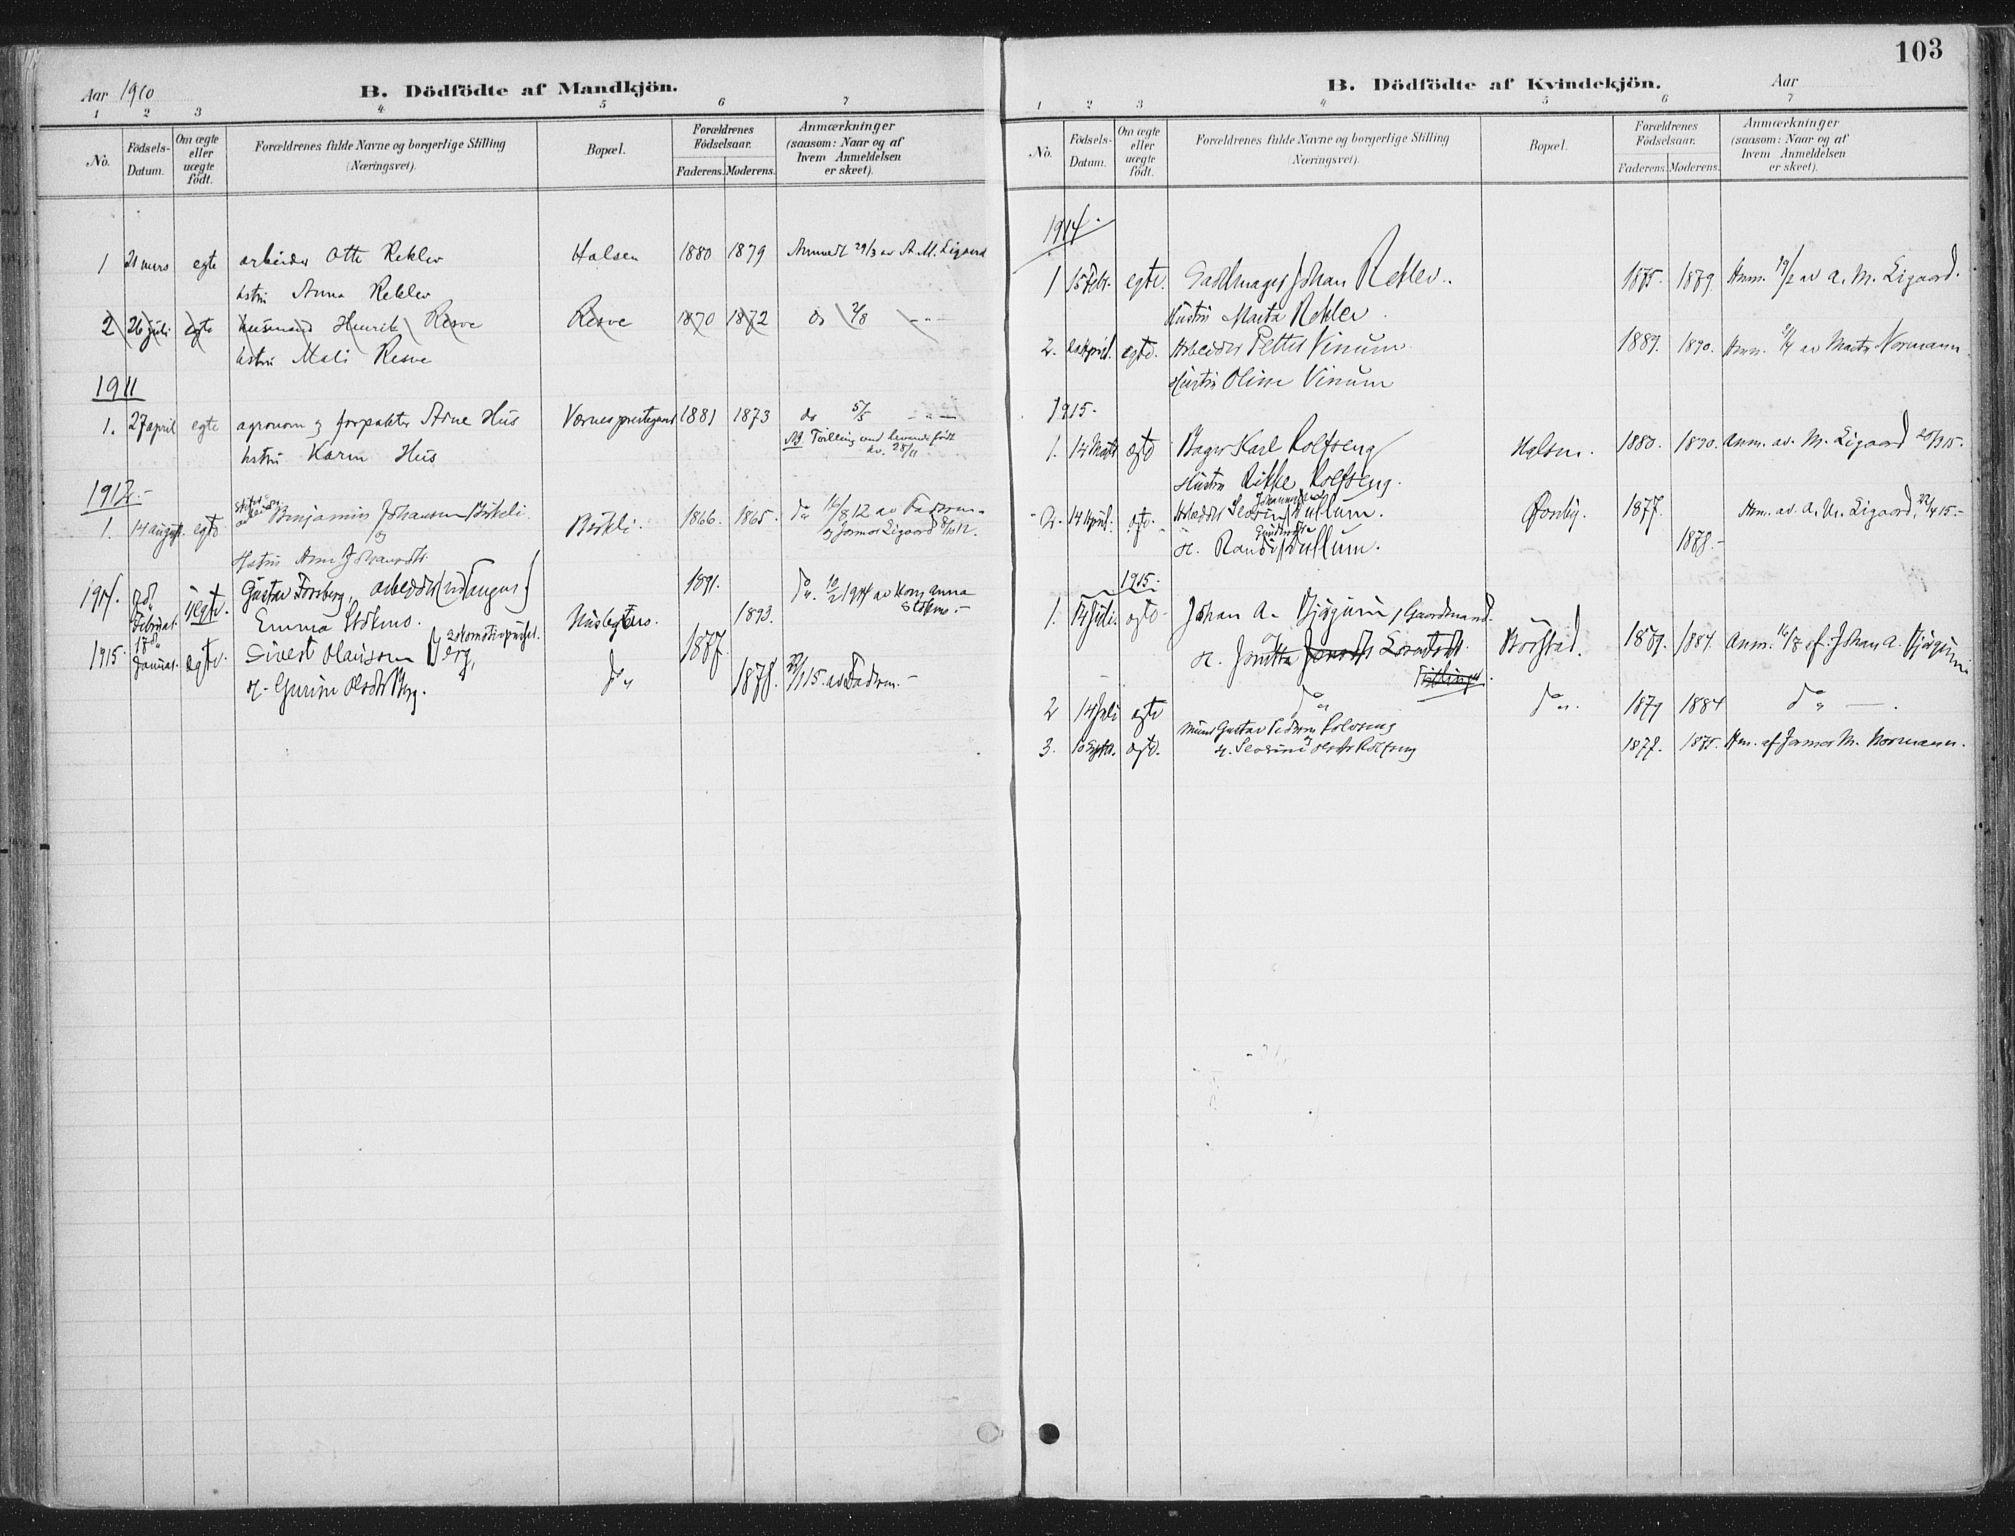 SAT, Ministerialprotokoller, klokkerbøker og fødselsregistre - Nord-Trøndelag, 709/L0082: Ministerialbok nr. 709A22, 1896-1916, s. 103